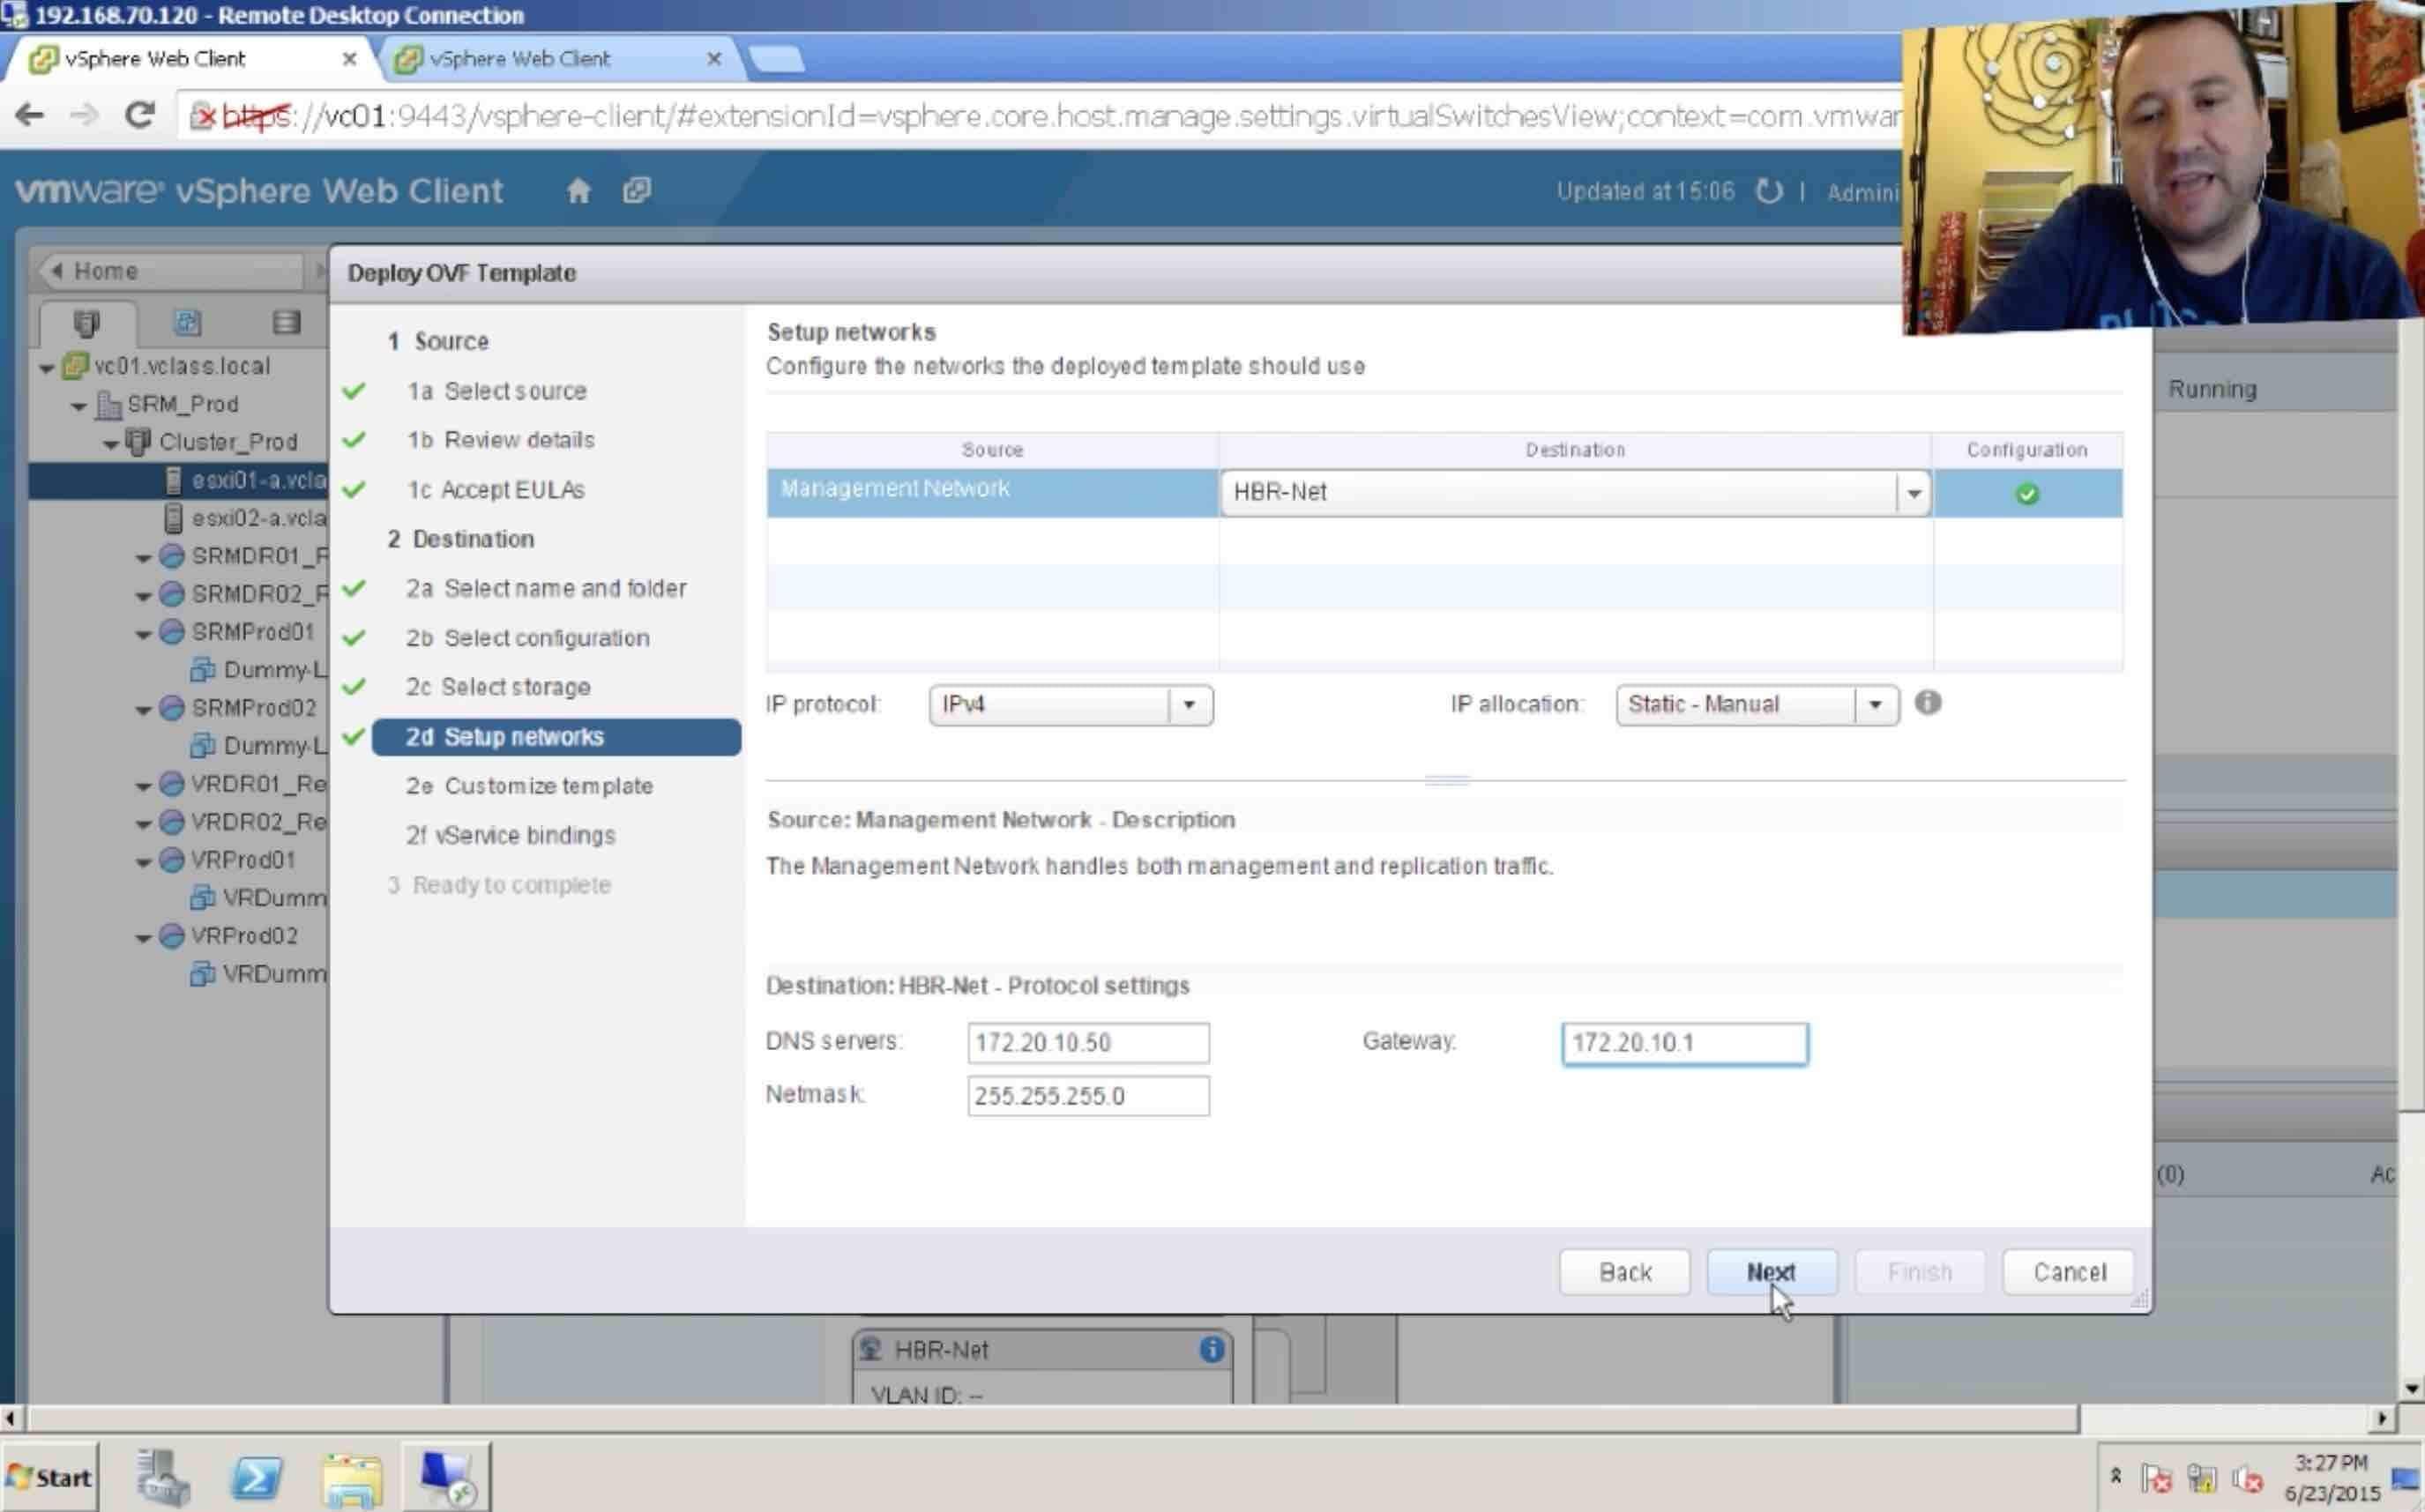 ¿Cómo crear un plan de contingencia con VMware vSphere? Parte 2/5